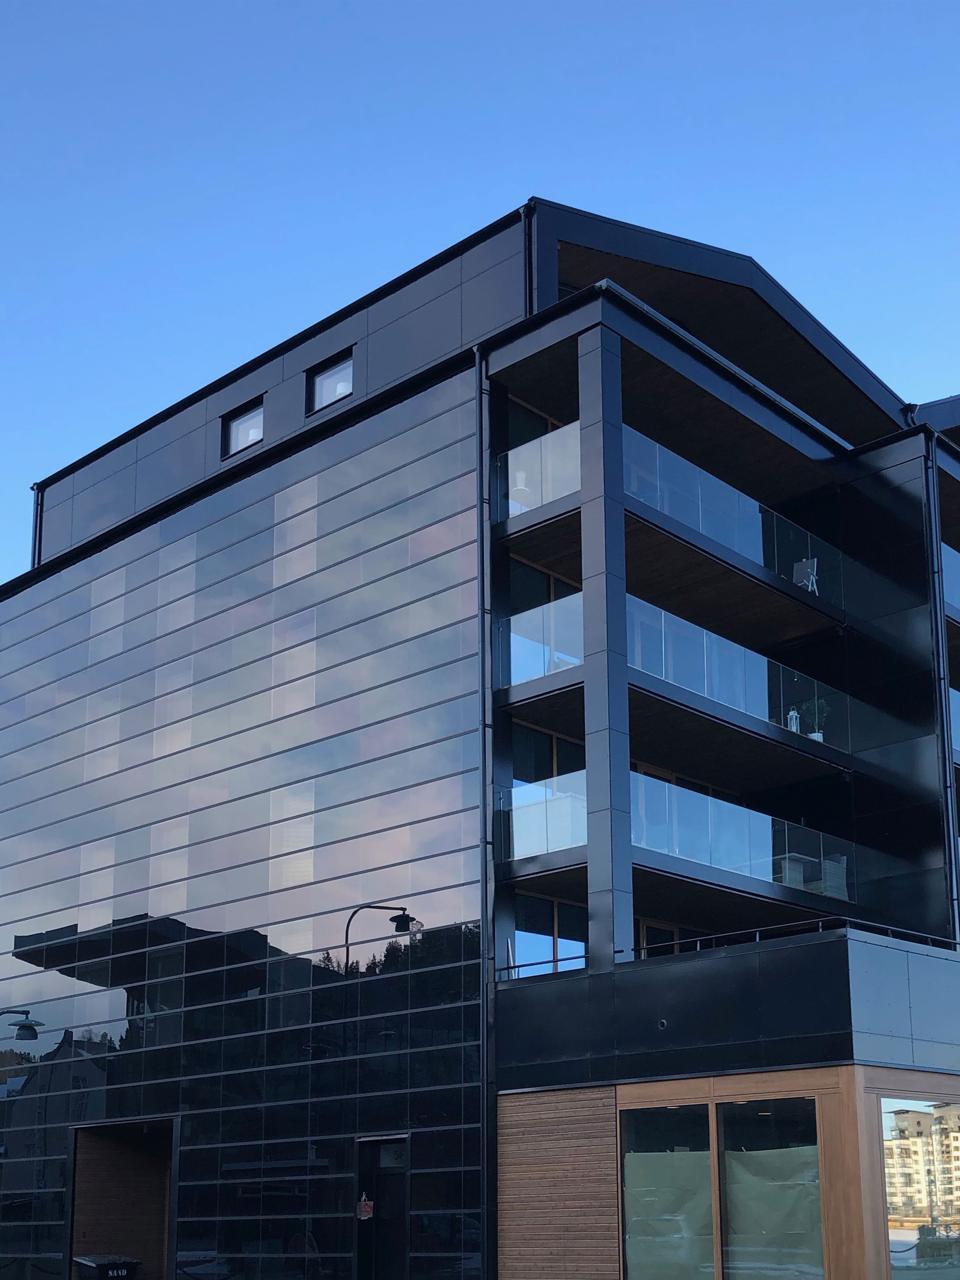 Солнечные фасады-это перспективный солнечный рынок, говорит Soltech Energy